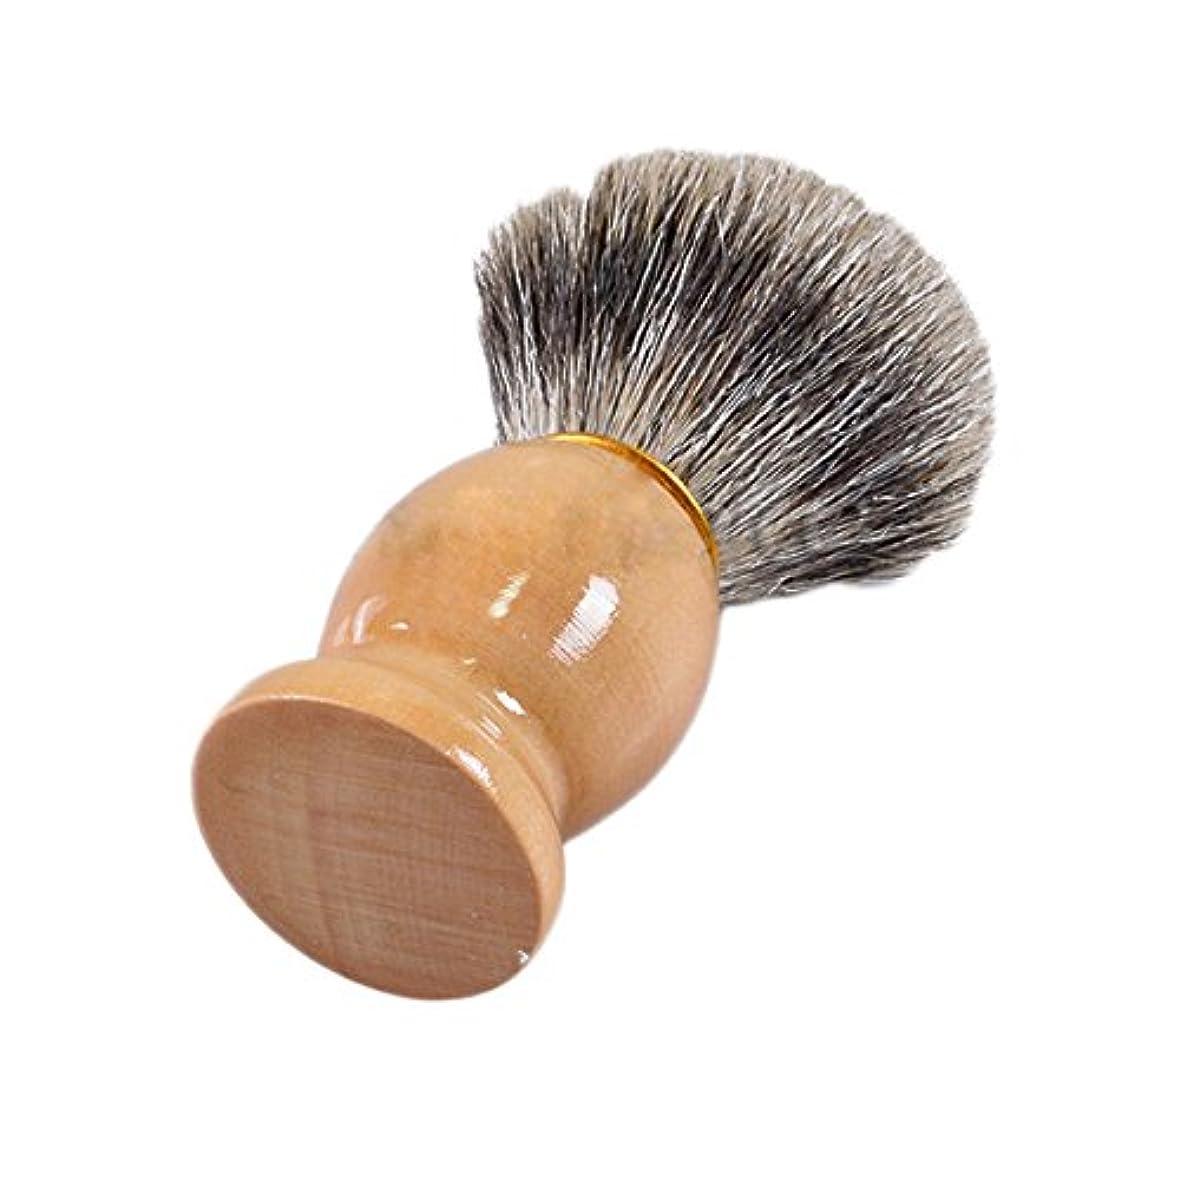 主観的フォーマットモニカMSmask 純粋なアナグマ毛シェービングブラシ 木製ハンドルのシェービングブラシで